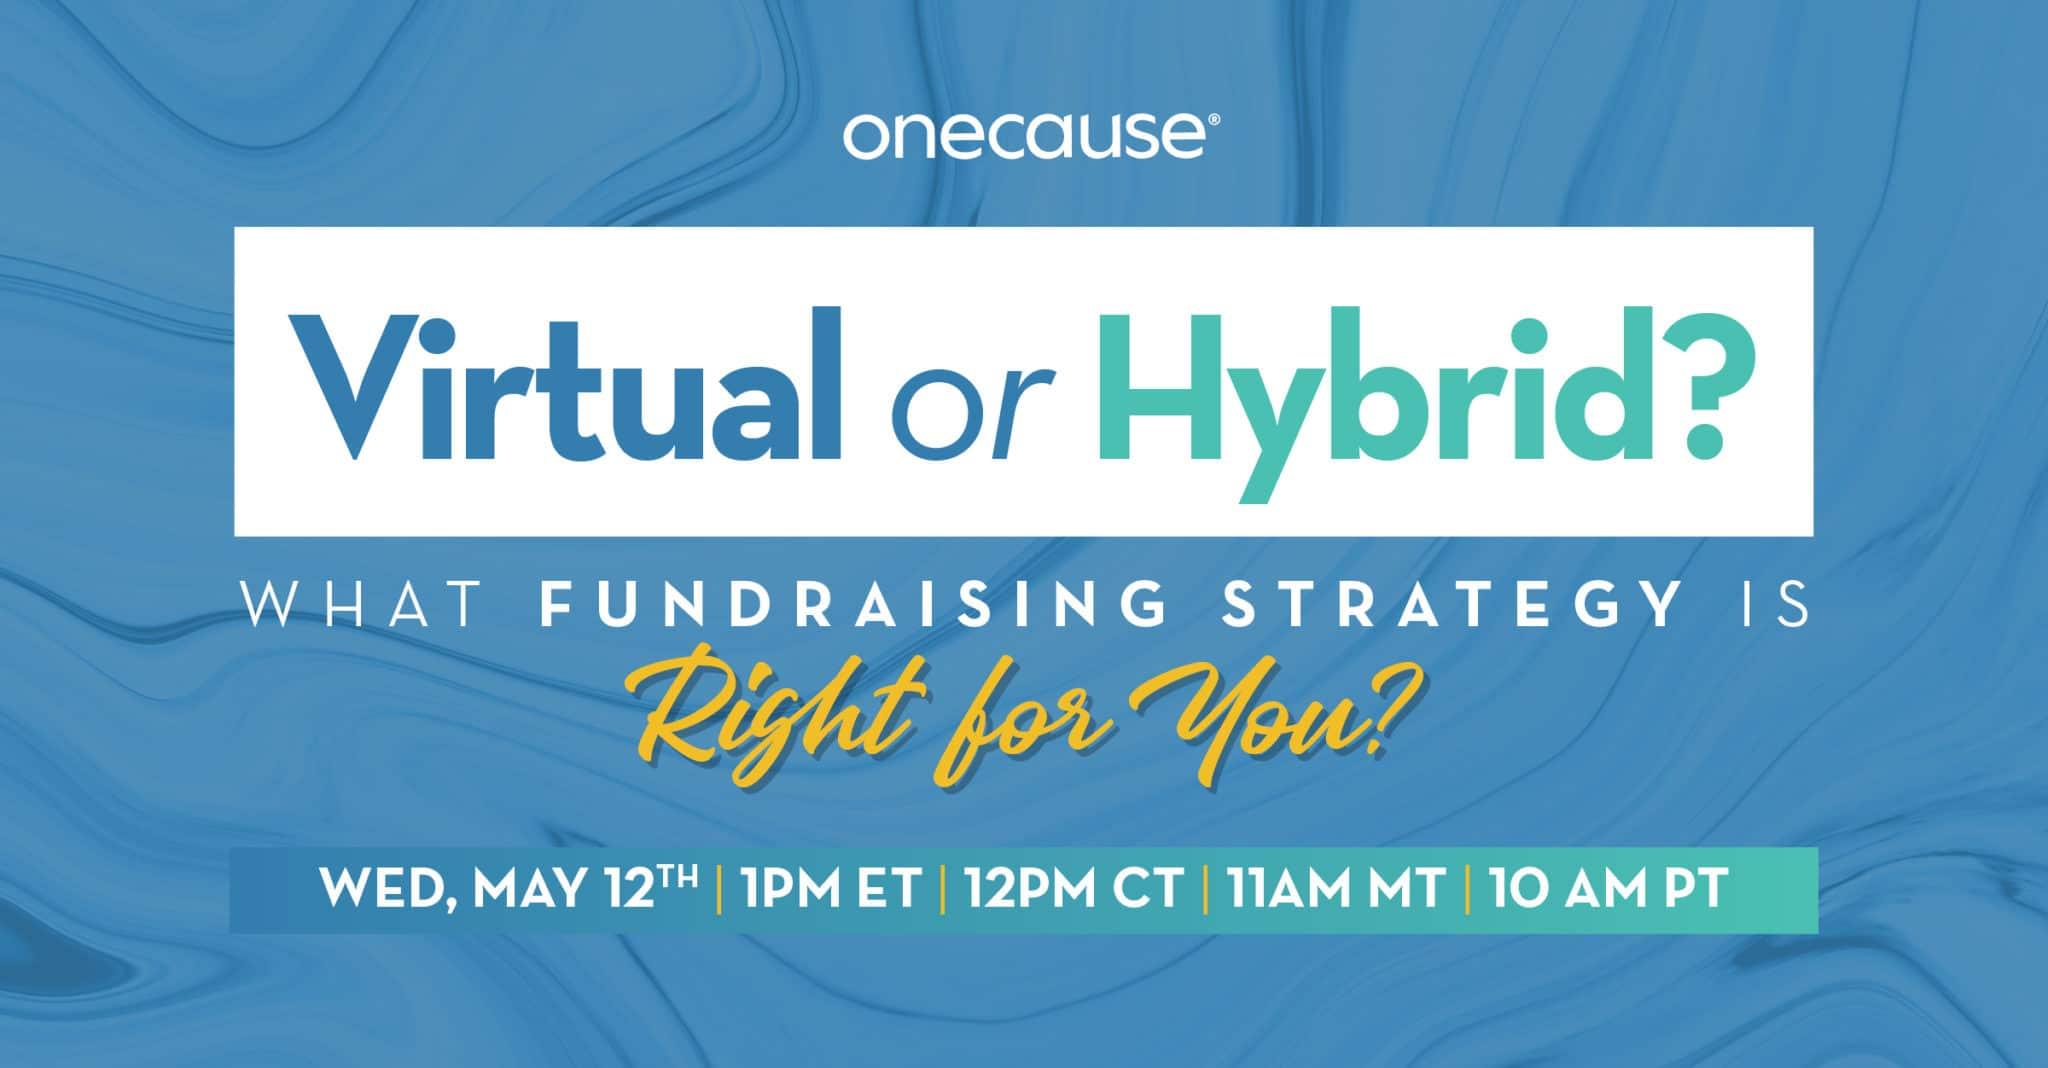 Virtual or Hybrid? webinar